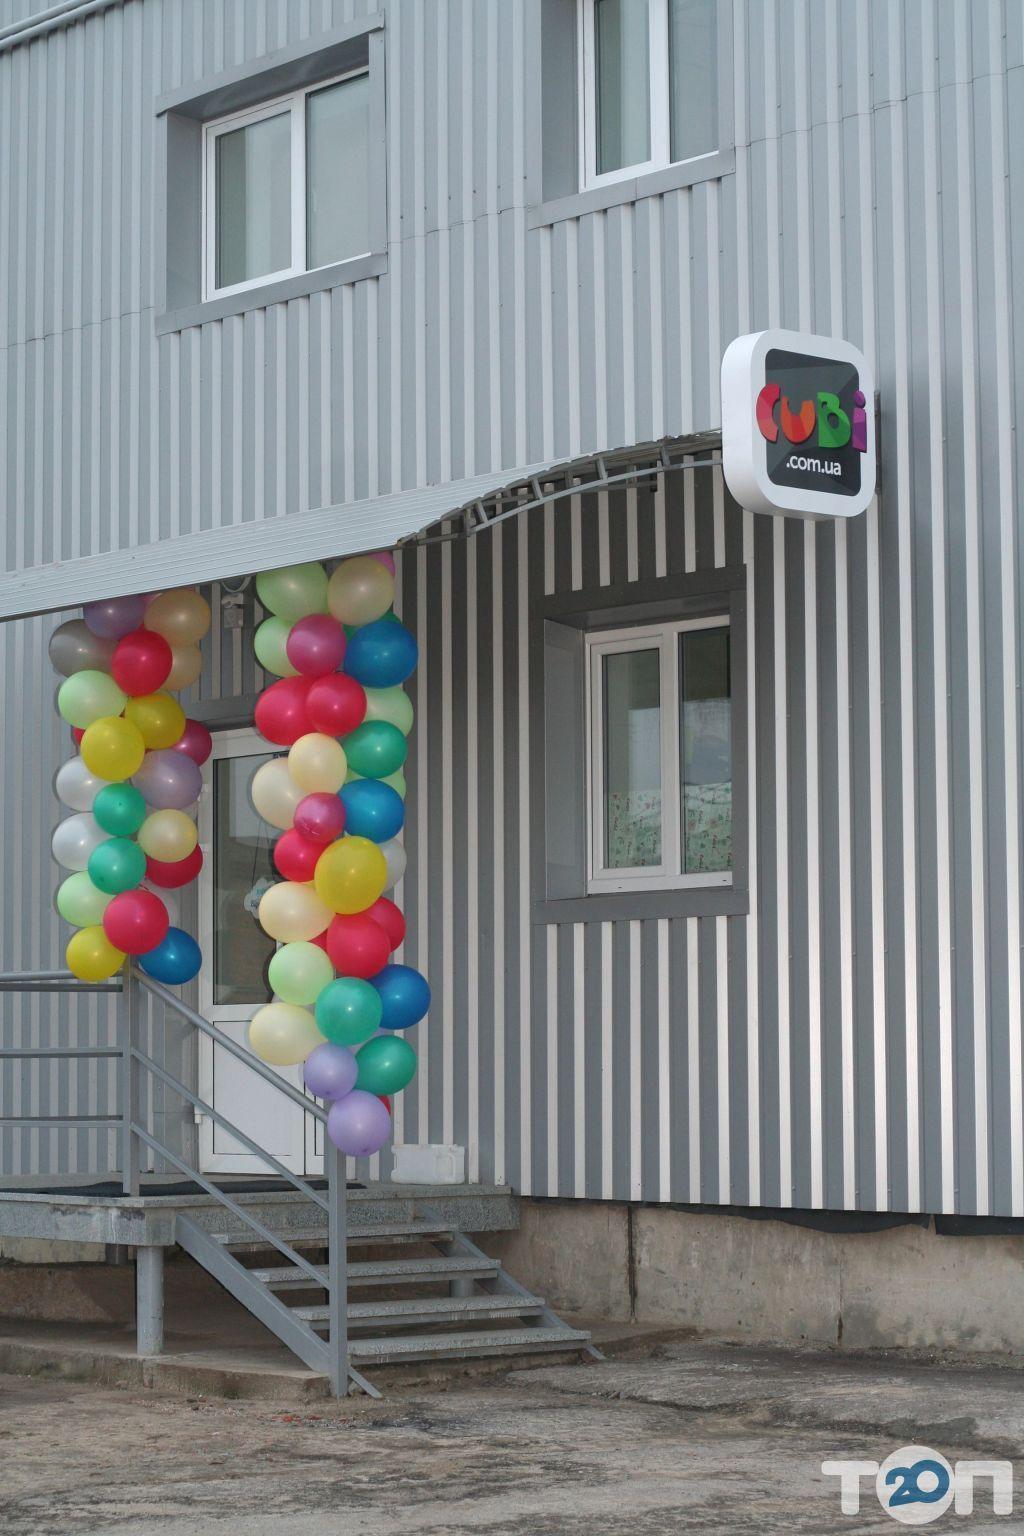 Магазин детских товаров cubi.com.ua - фото 1